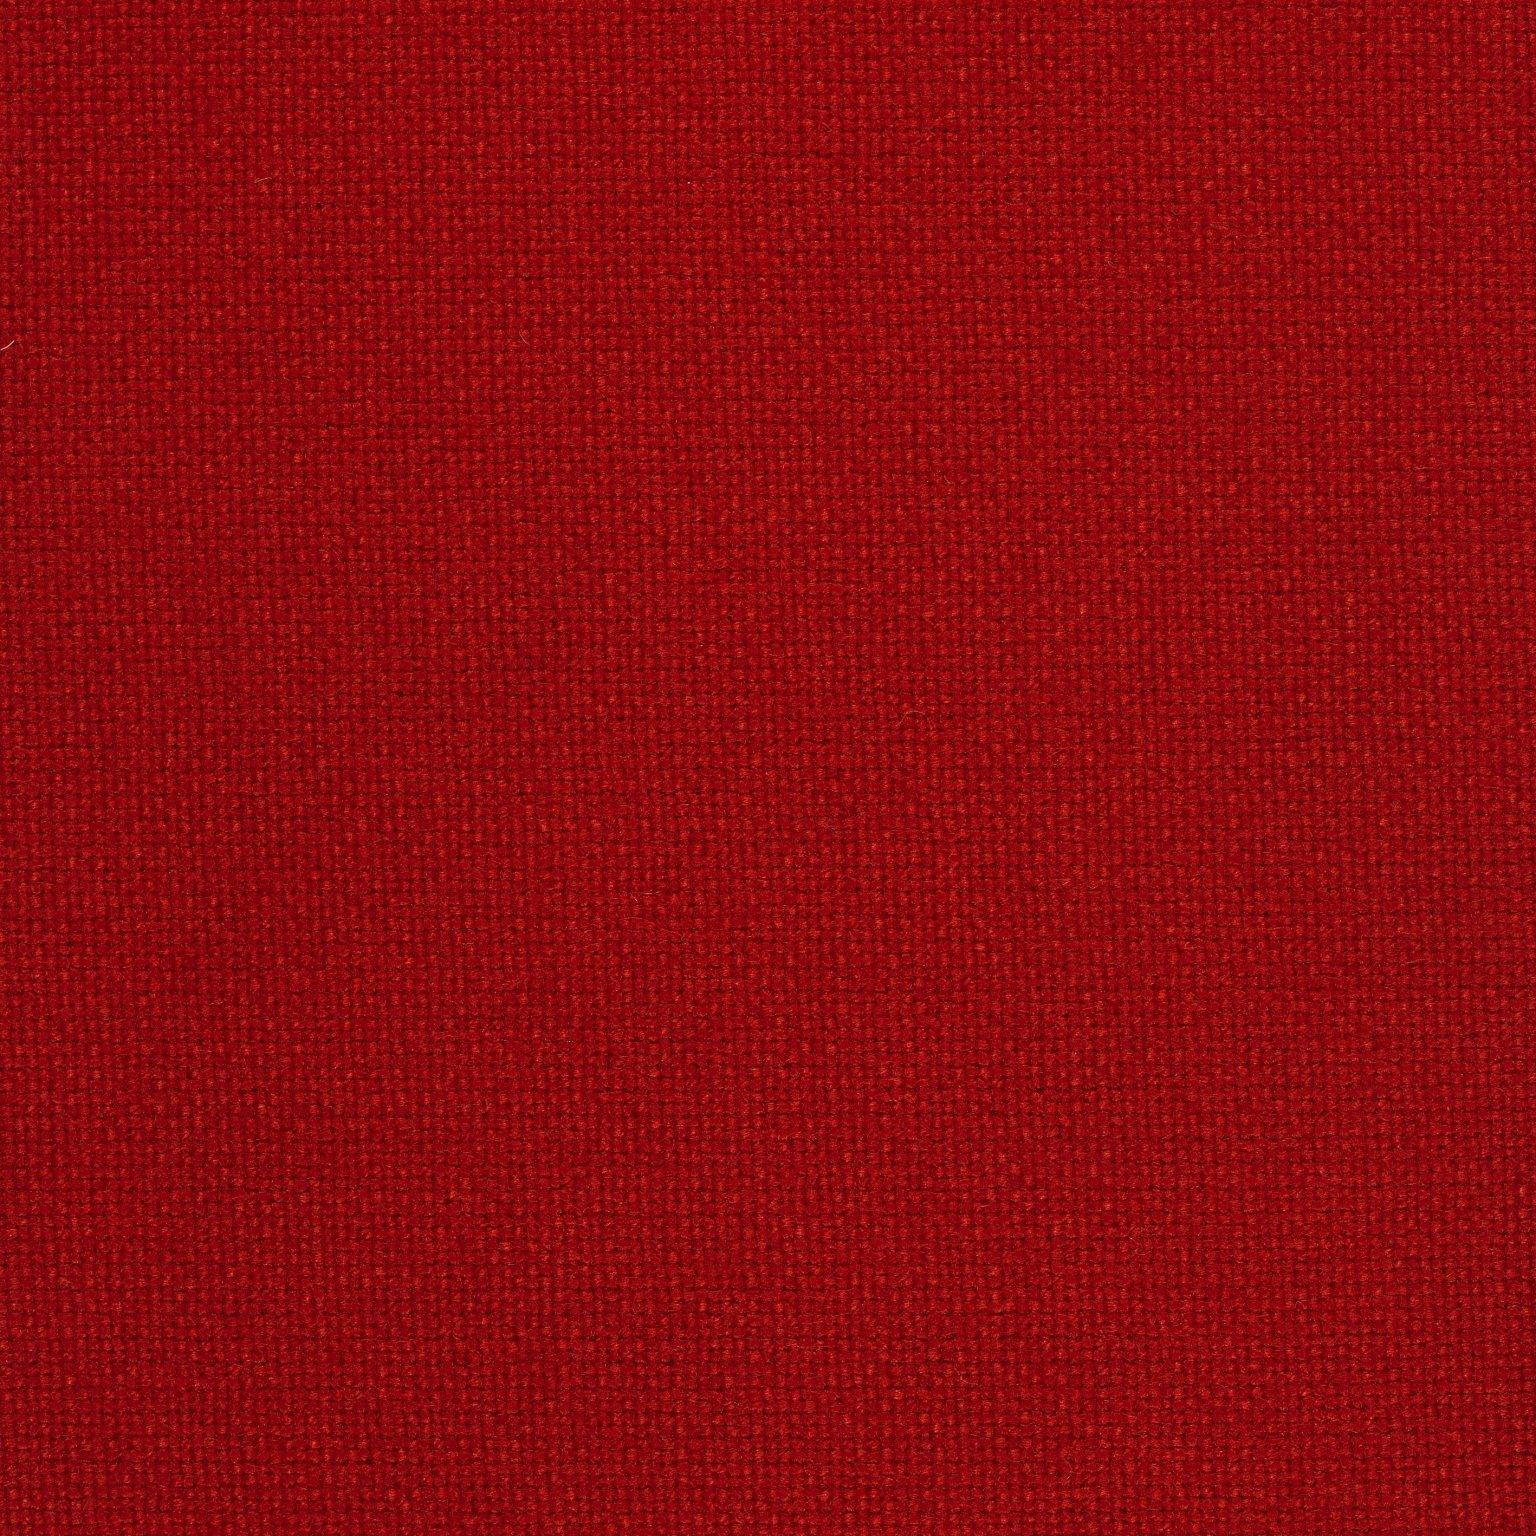 rød hallingdal 65-0